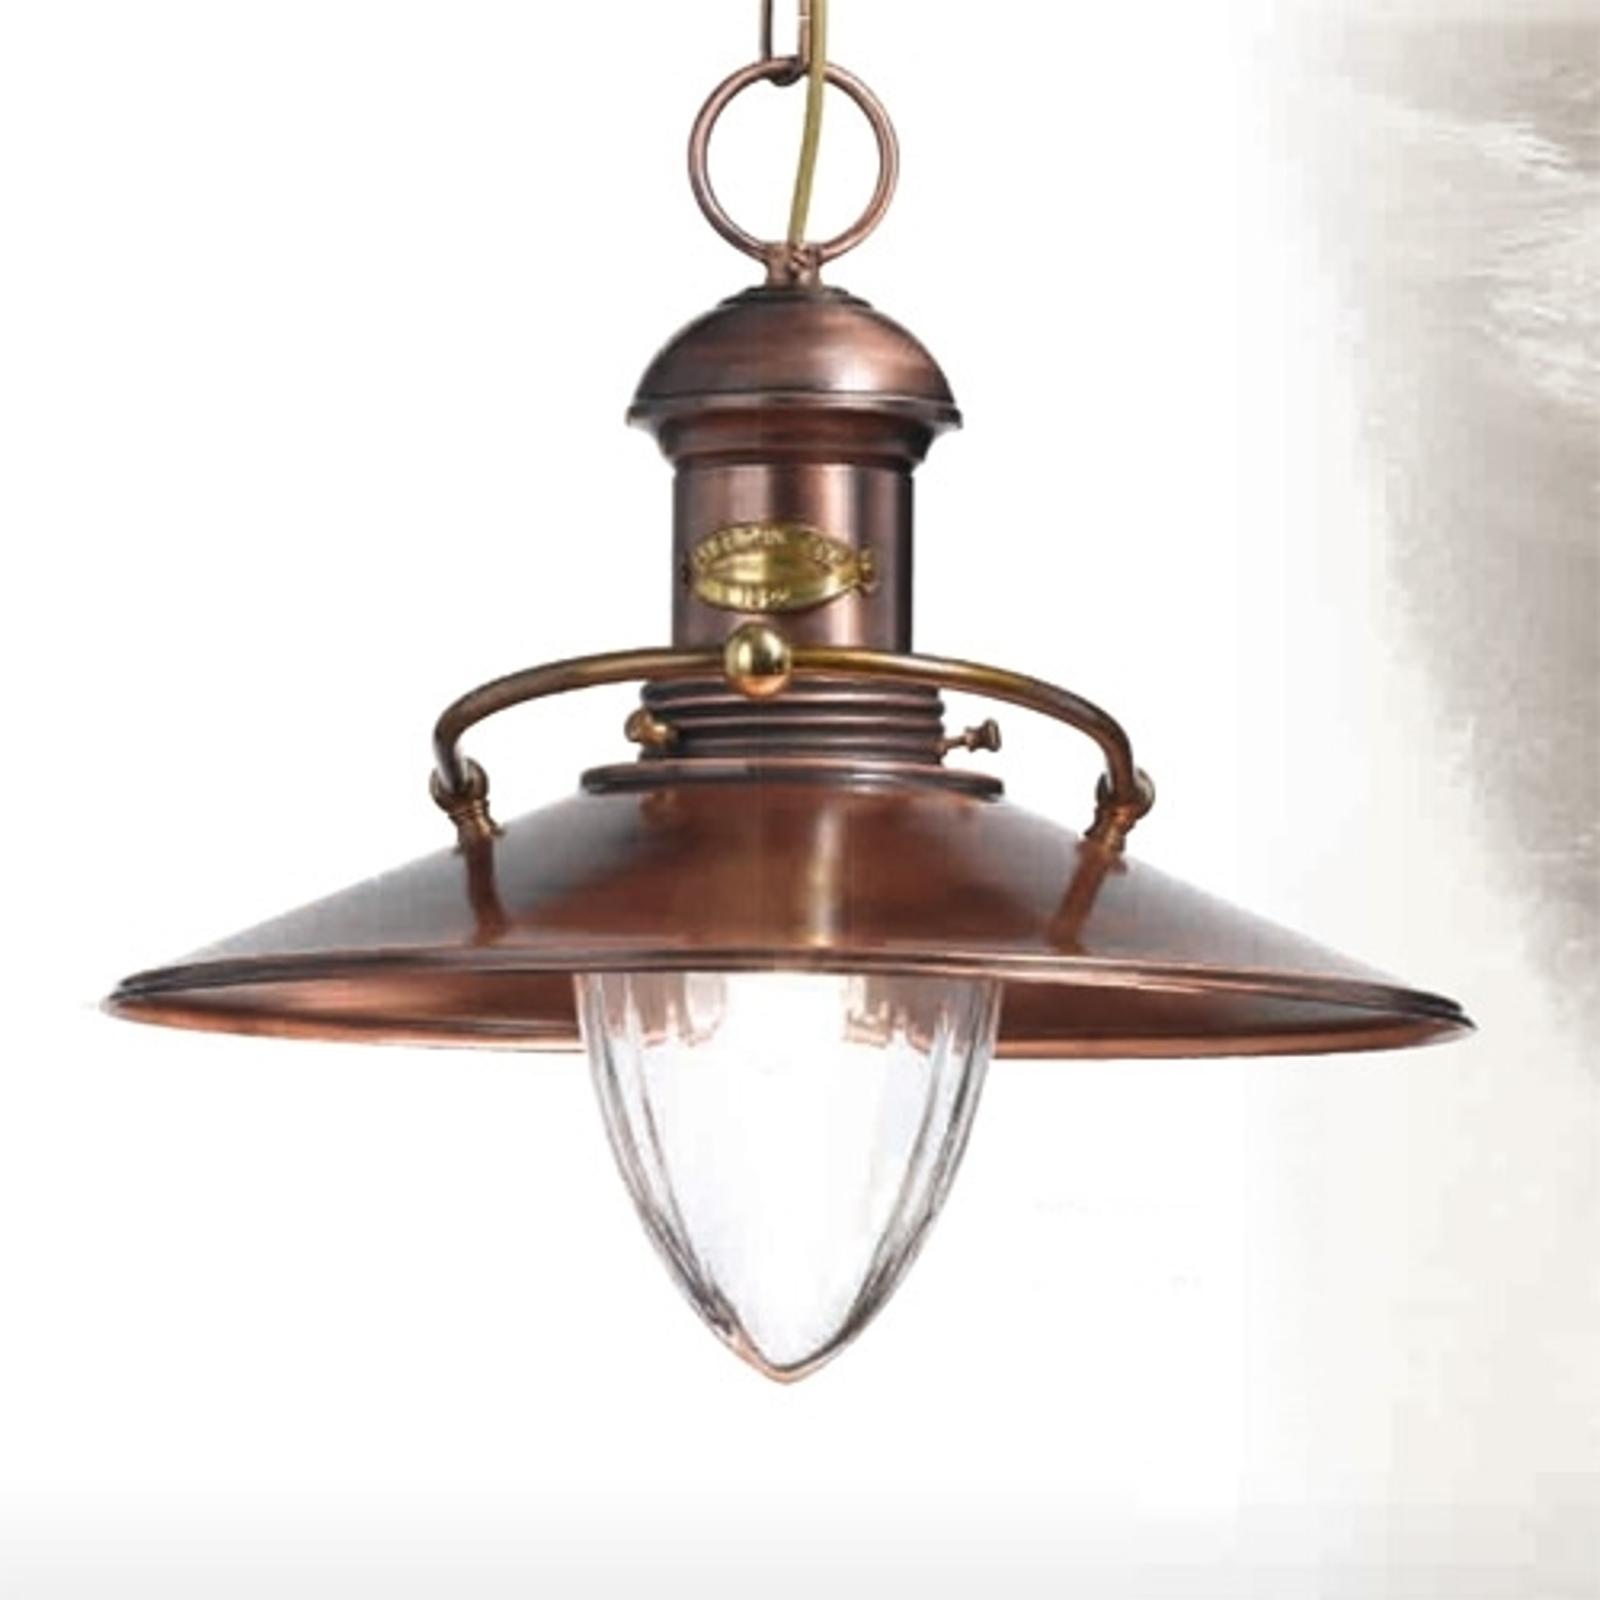 Scia - antique hanging light in copper_2008160_1